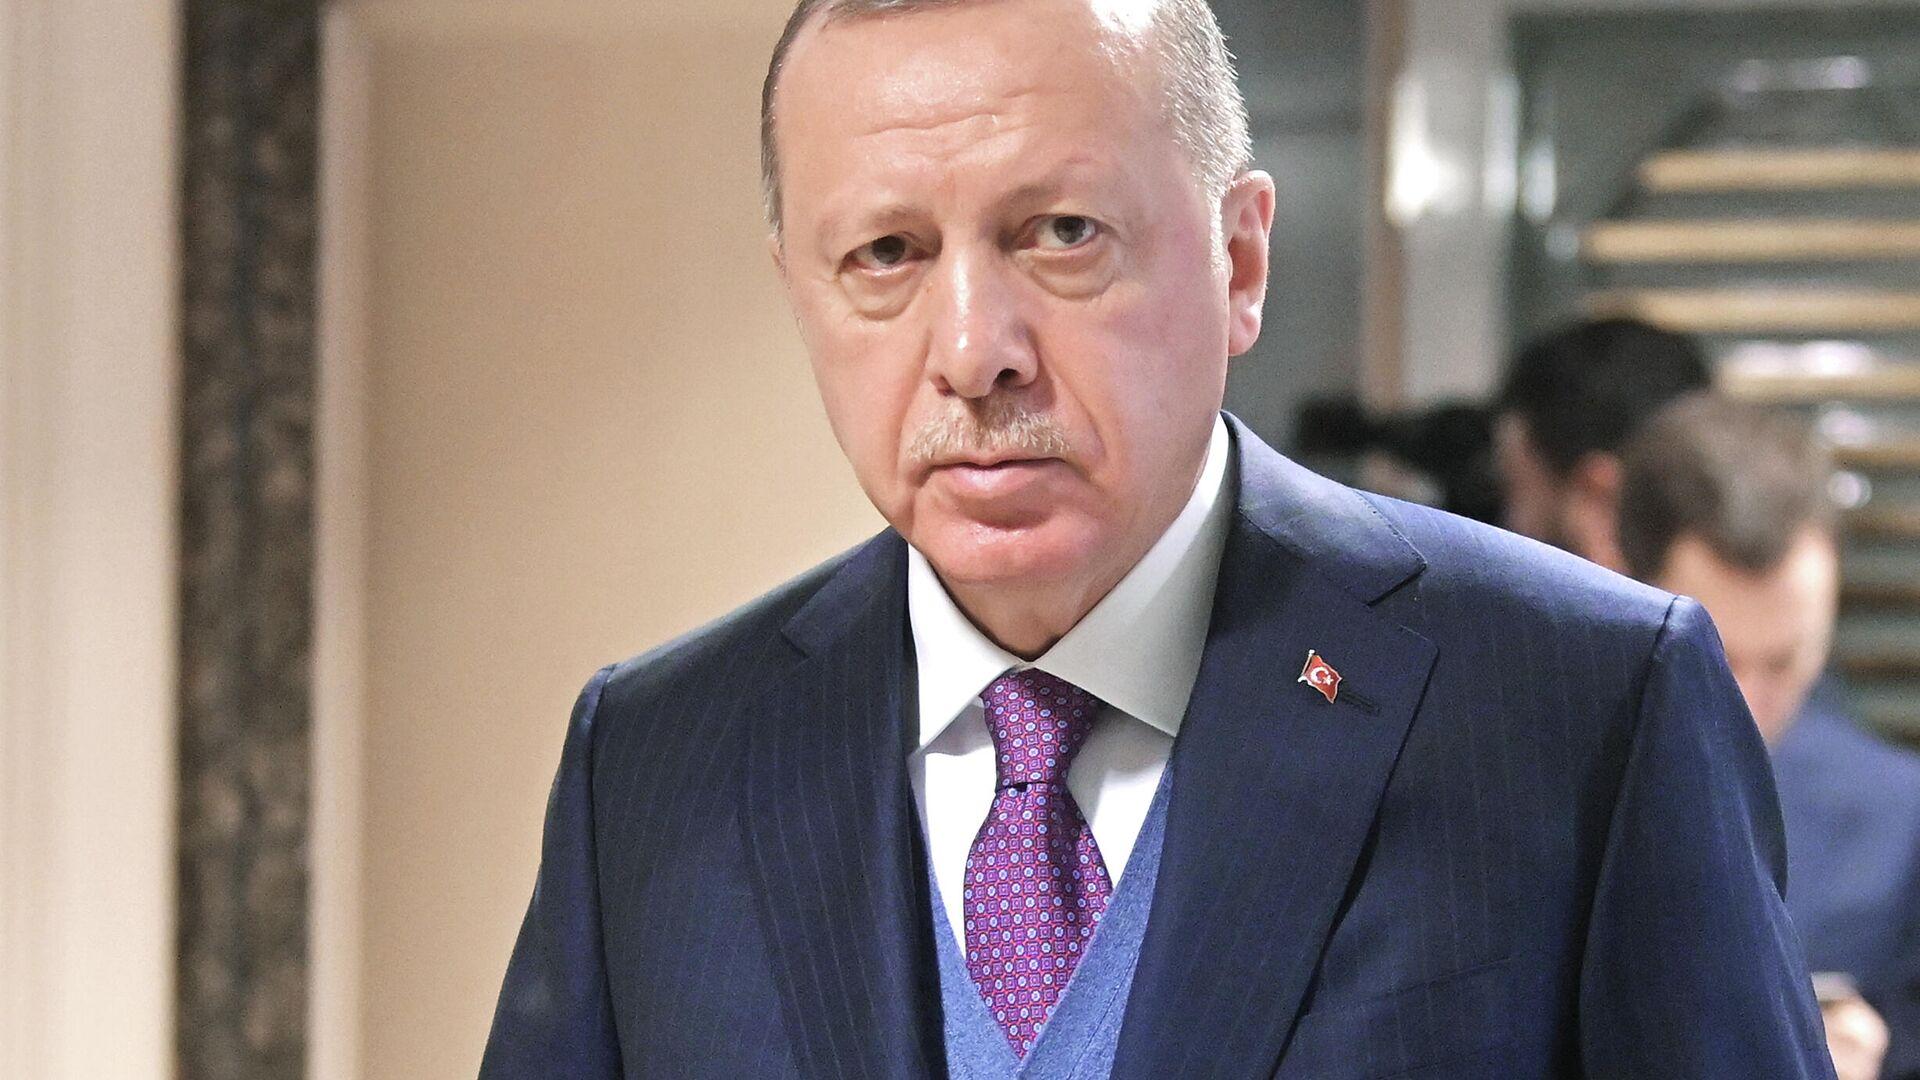 Der türkische Präsident Recep Tayyip Erdogan (Archivfoto) - SNA, 1920, 10.12.2020